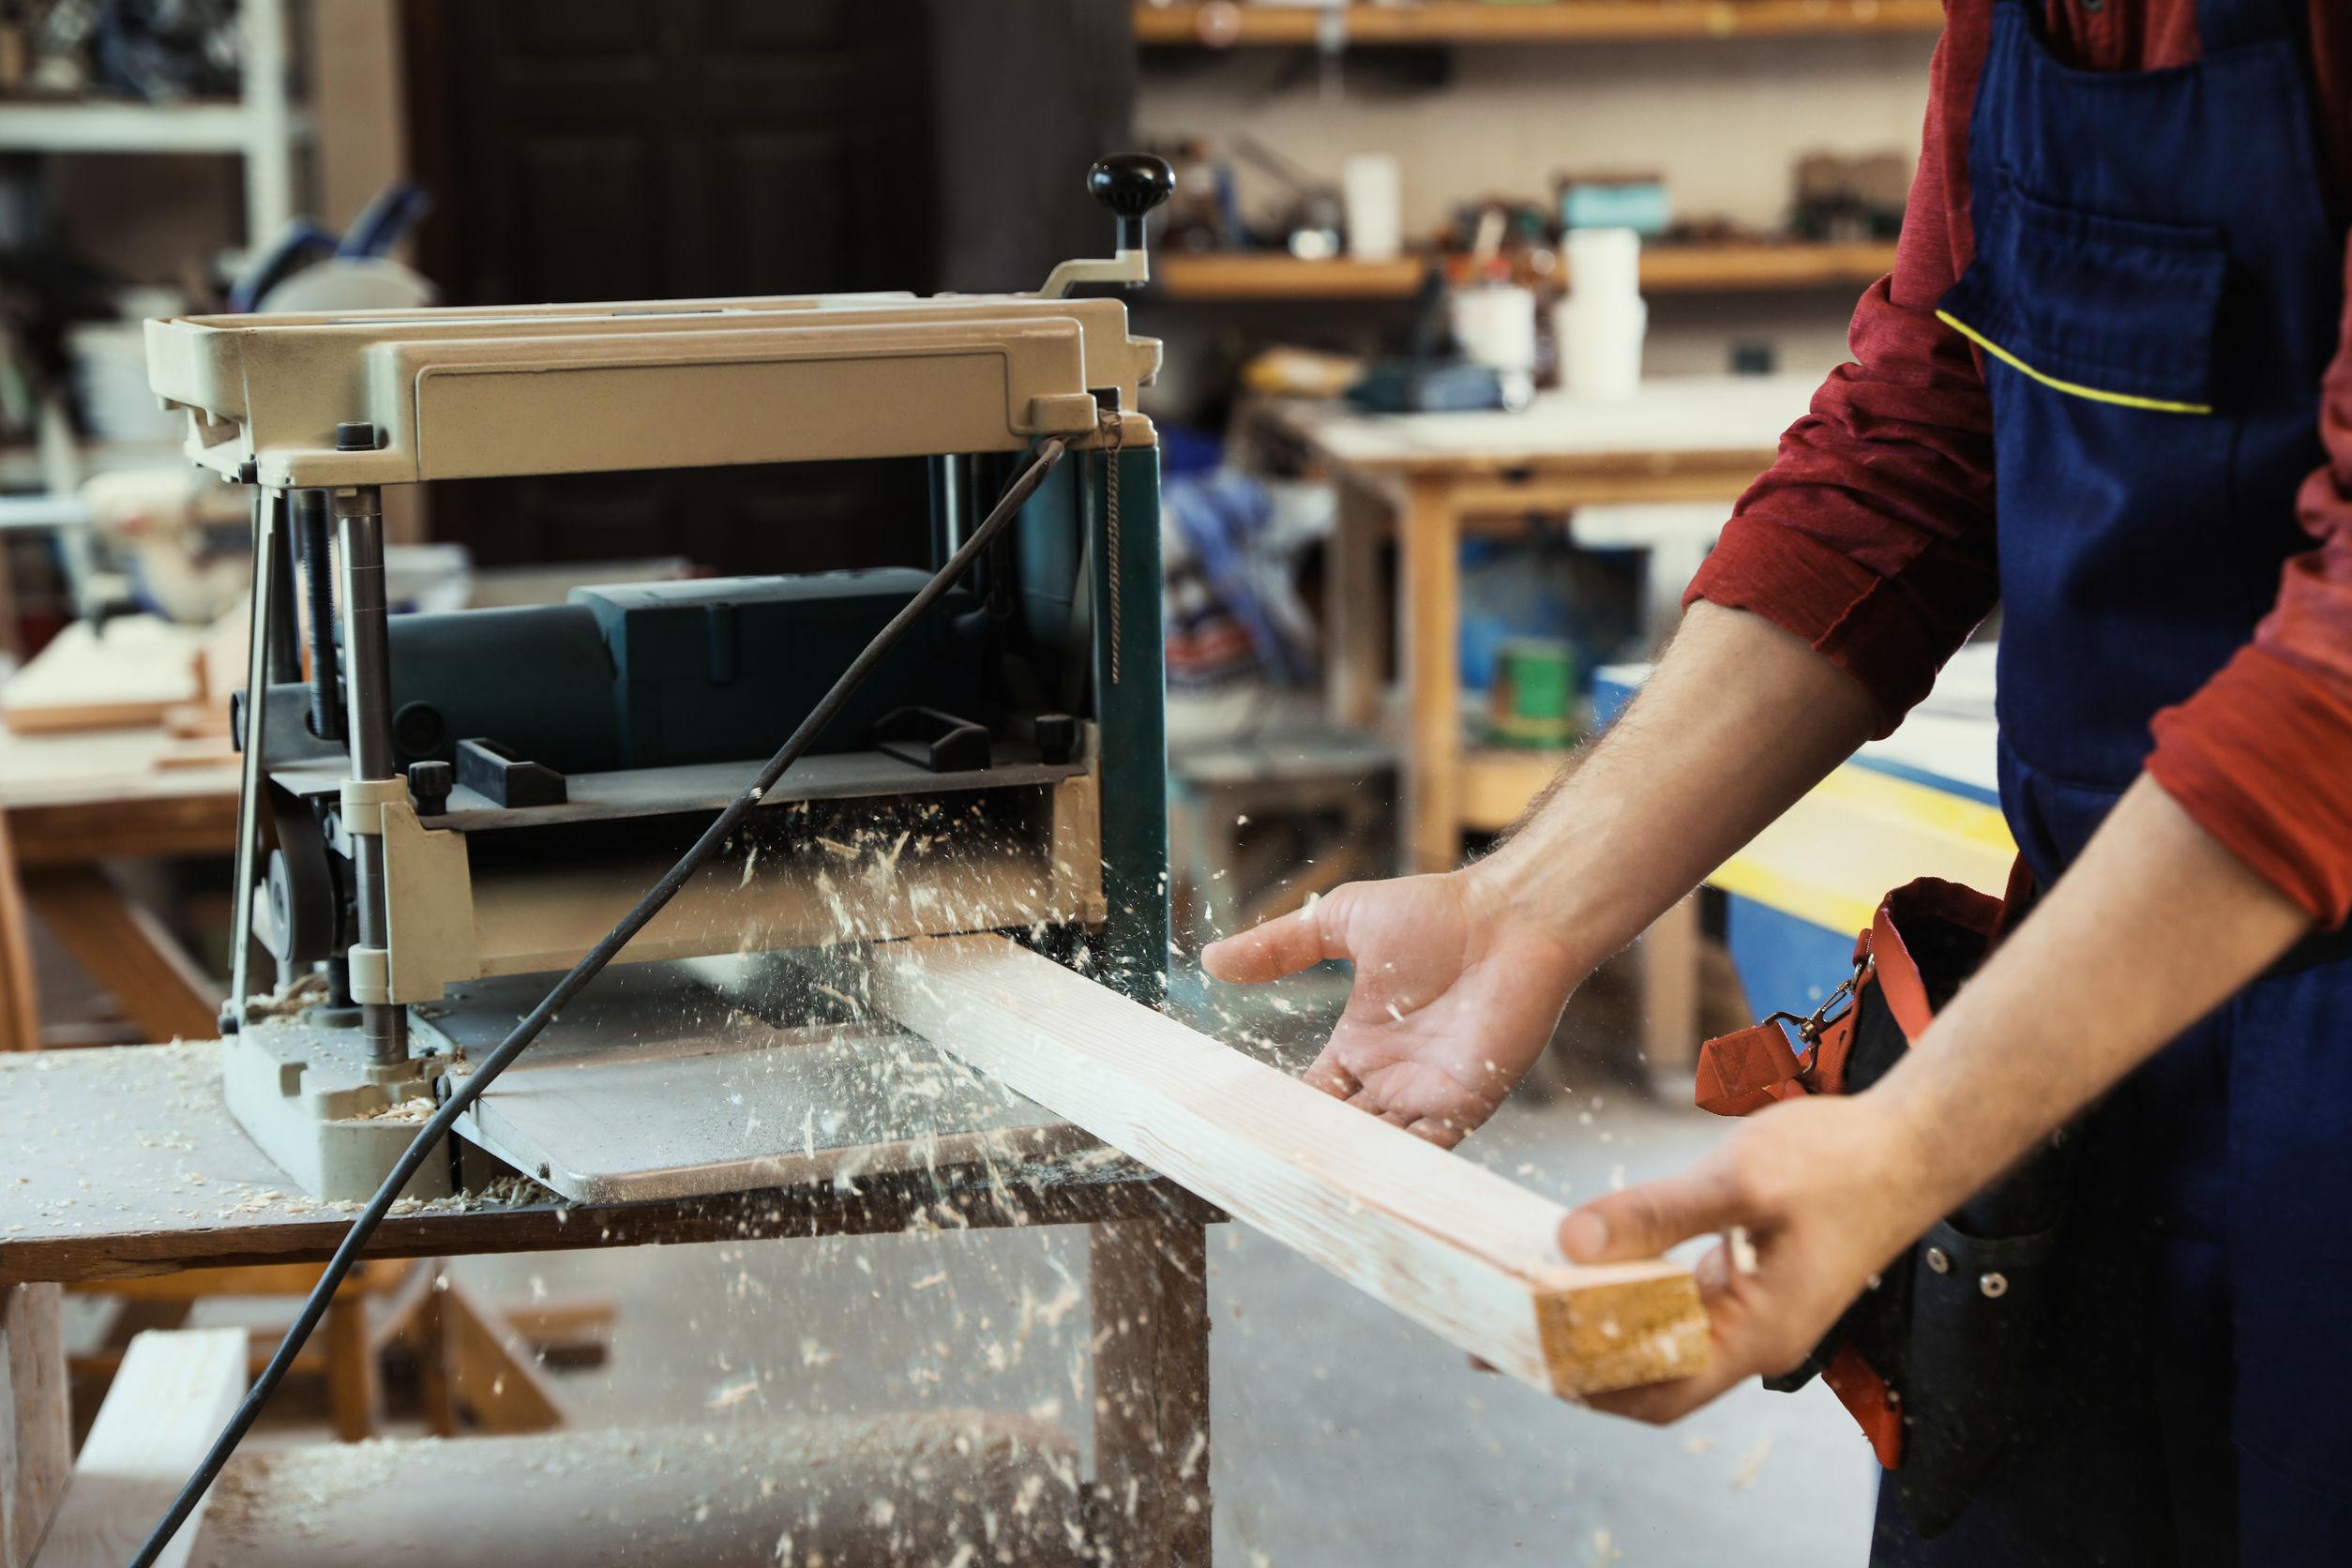 Imagem mostra uma pessoa colocando uma peça de madeira em uma desengrossadeira.